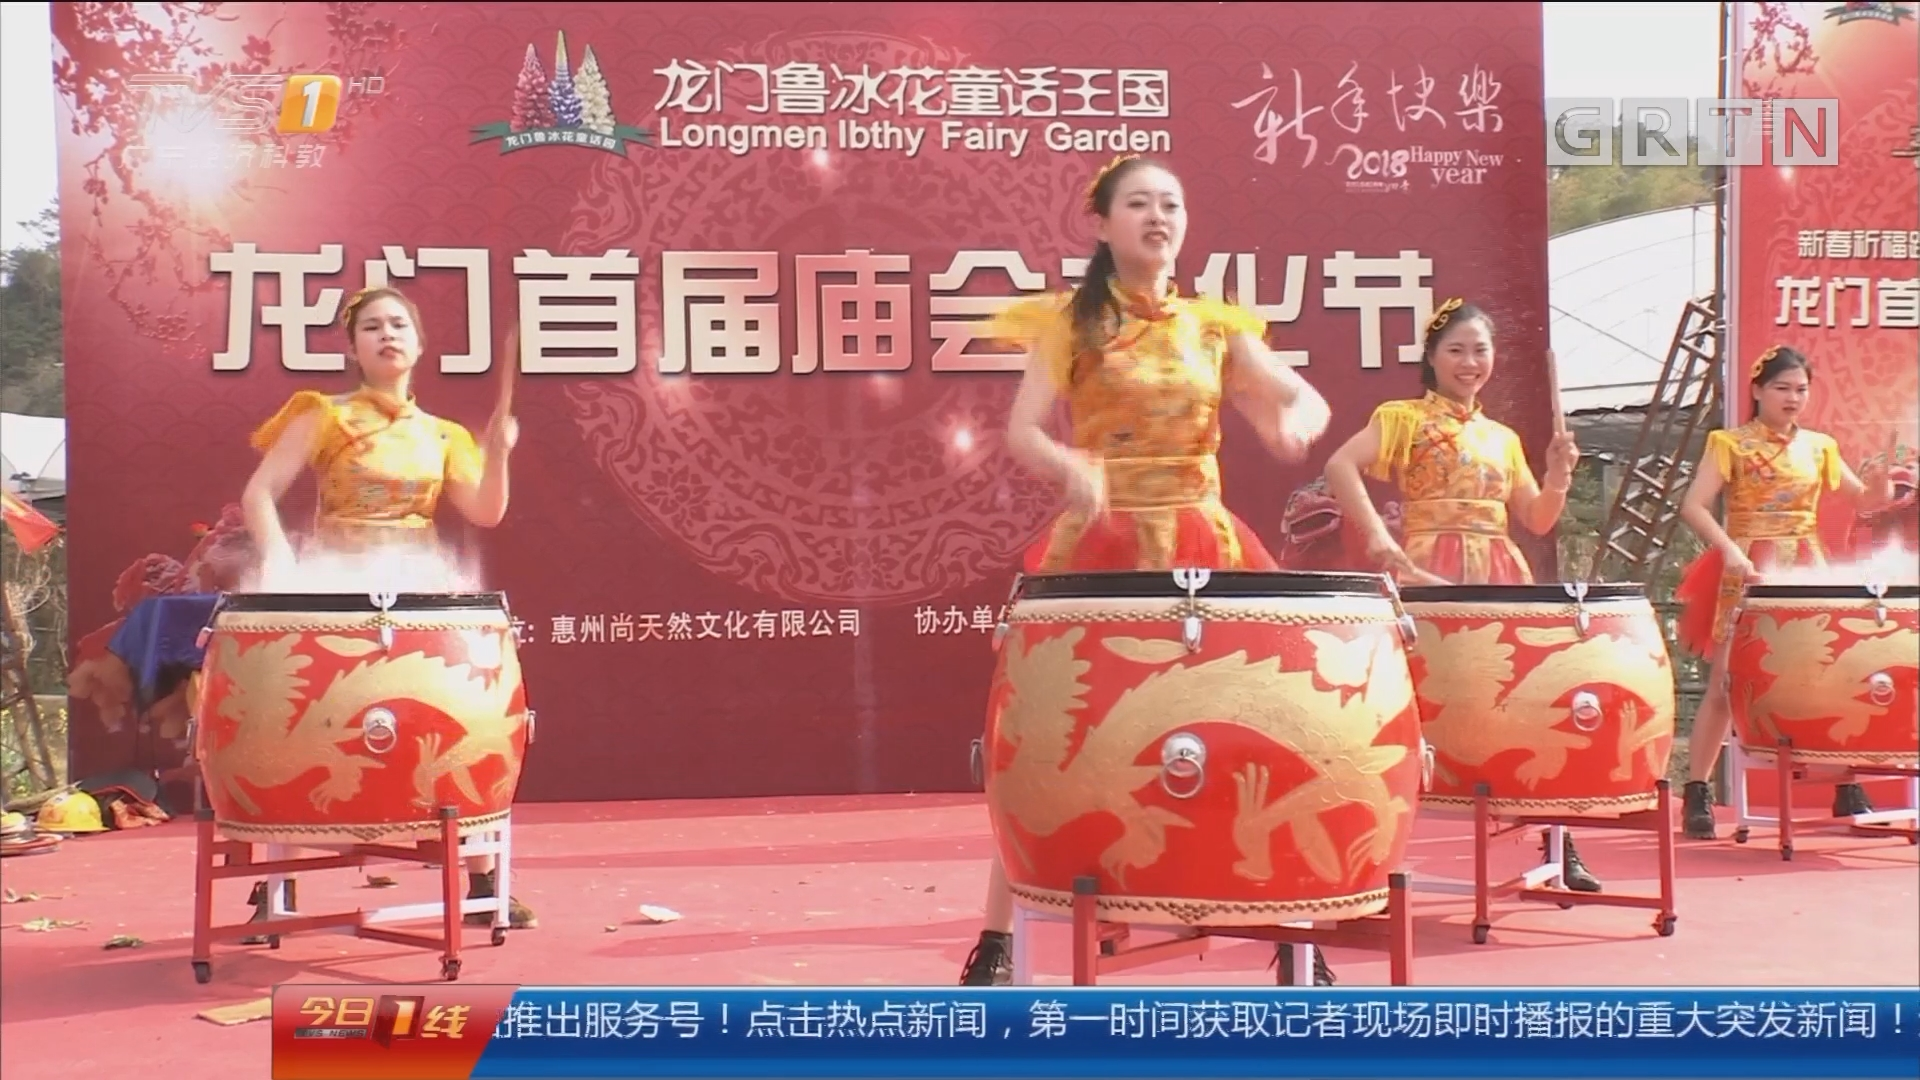 惠州龙门:新春祈福跃龙门 赏花品食逛庙会